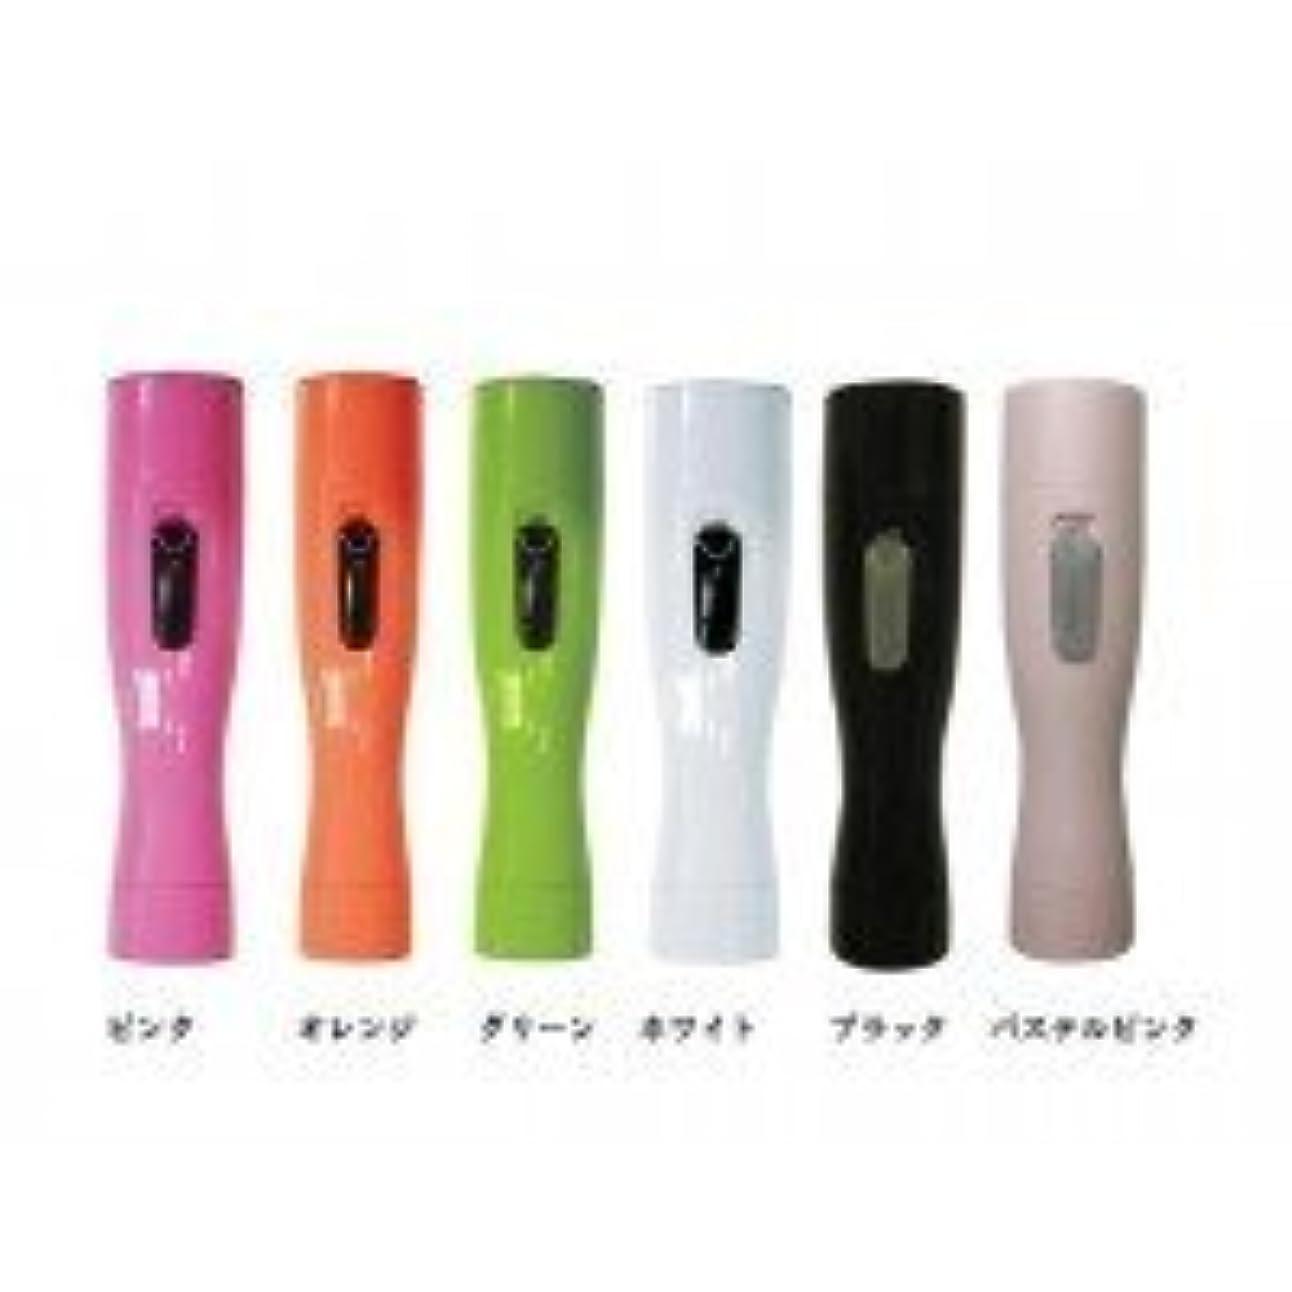 血かなりの仕立て屋乾電池式シェーバー ソルスティックミニ(sol stick mini) ピンク?APS-01PK